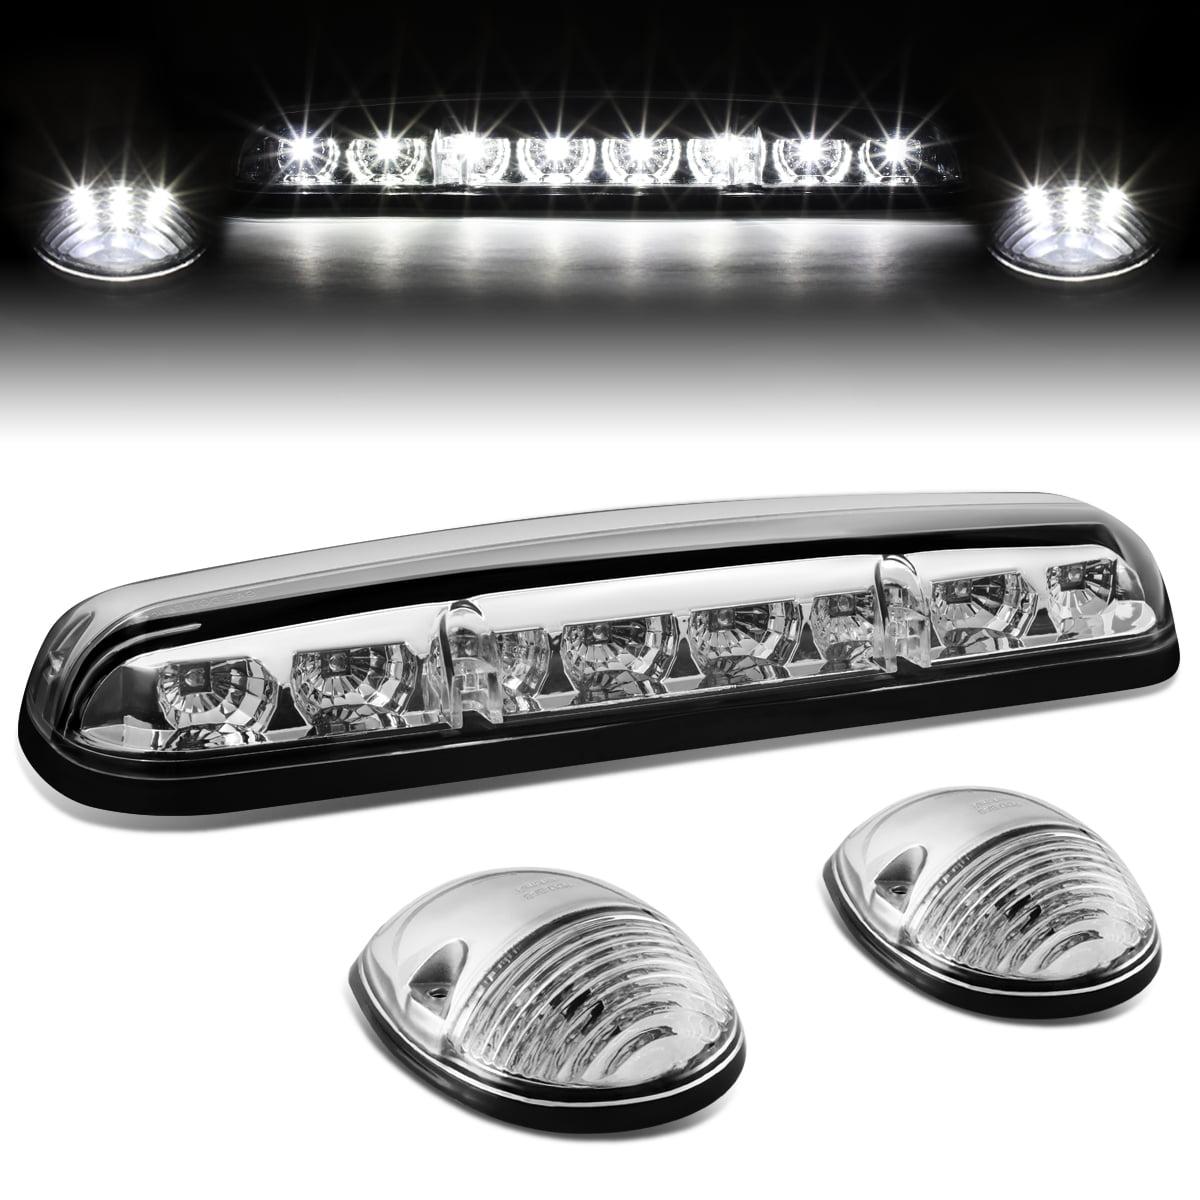 For 02-06 Silverado / Sierra GMT800 LED Cab Roof Center Light + Pair Side Lamps (Chrome Housing White LED) 04 05